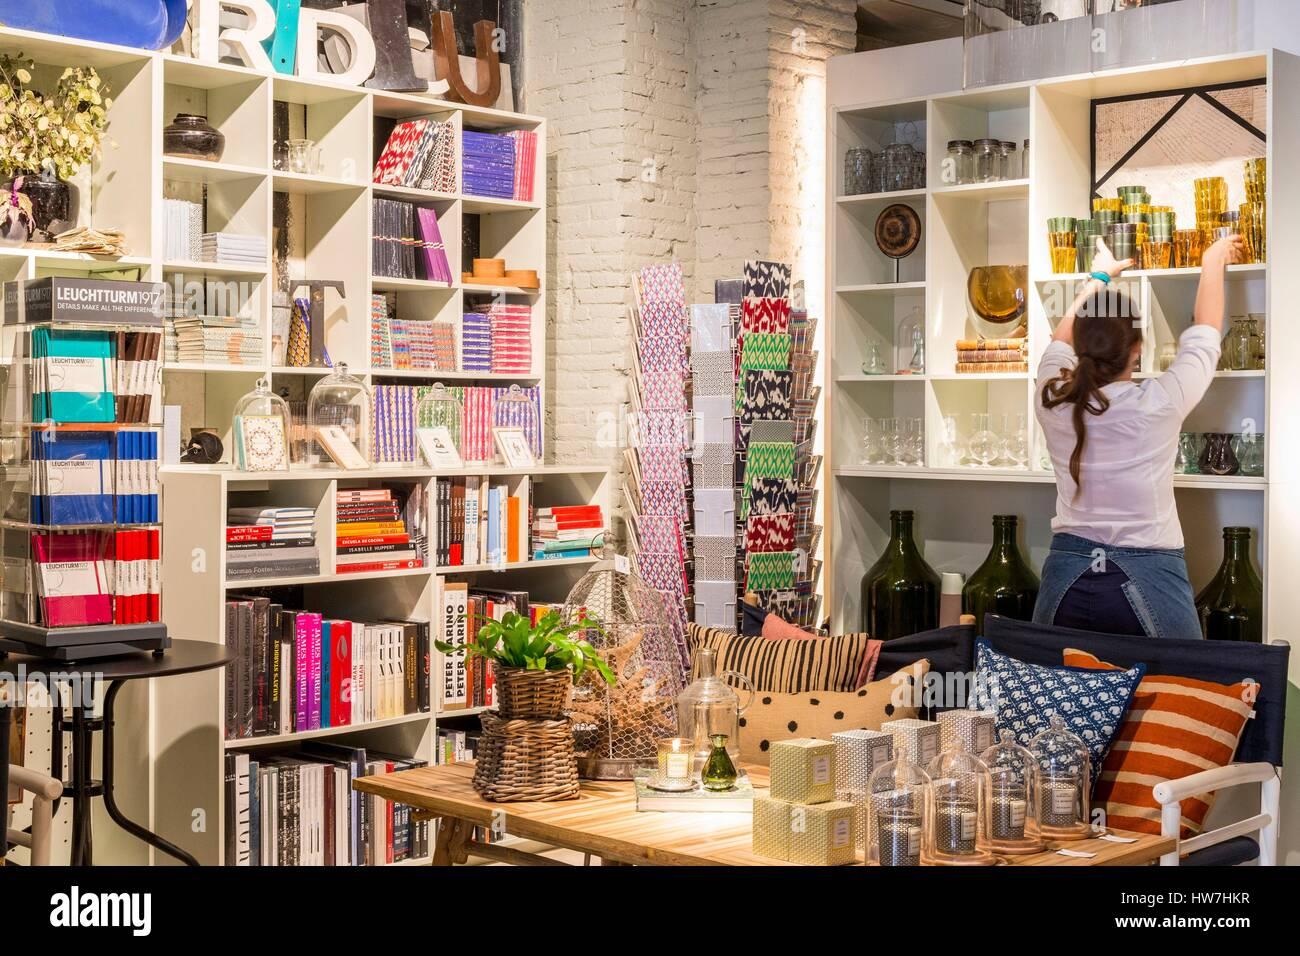 Espagne, Catalogne, Barcelone, Eixample, Jaime Beriestain concept store ouvert en 2010 Photo Stock